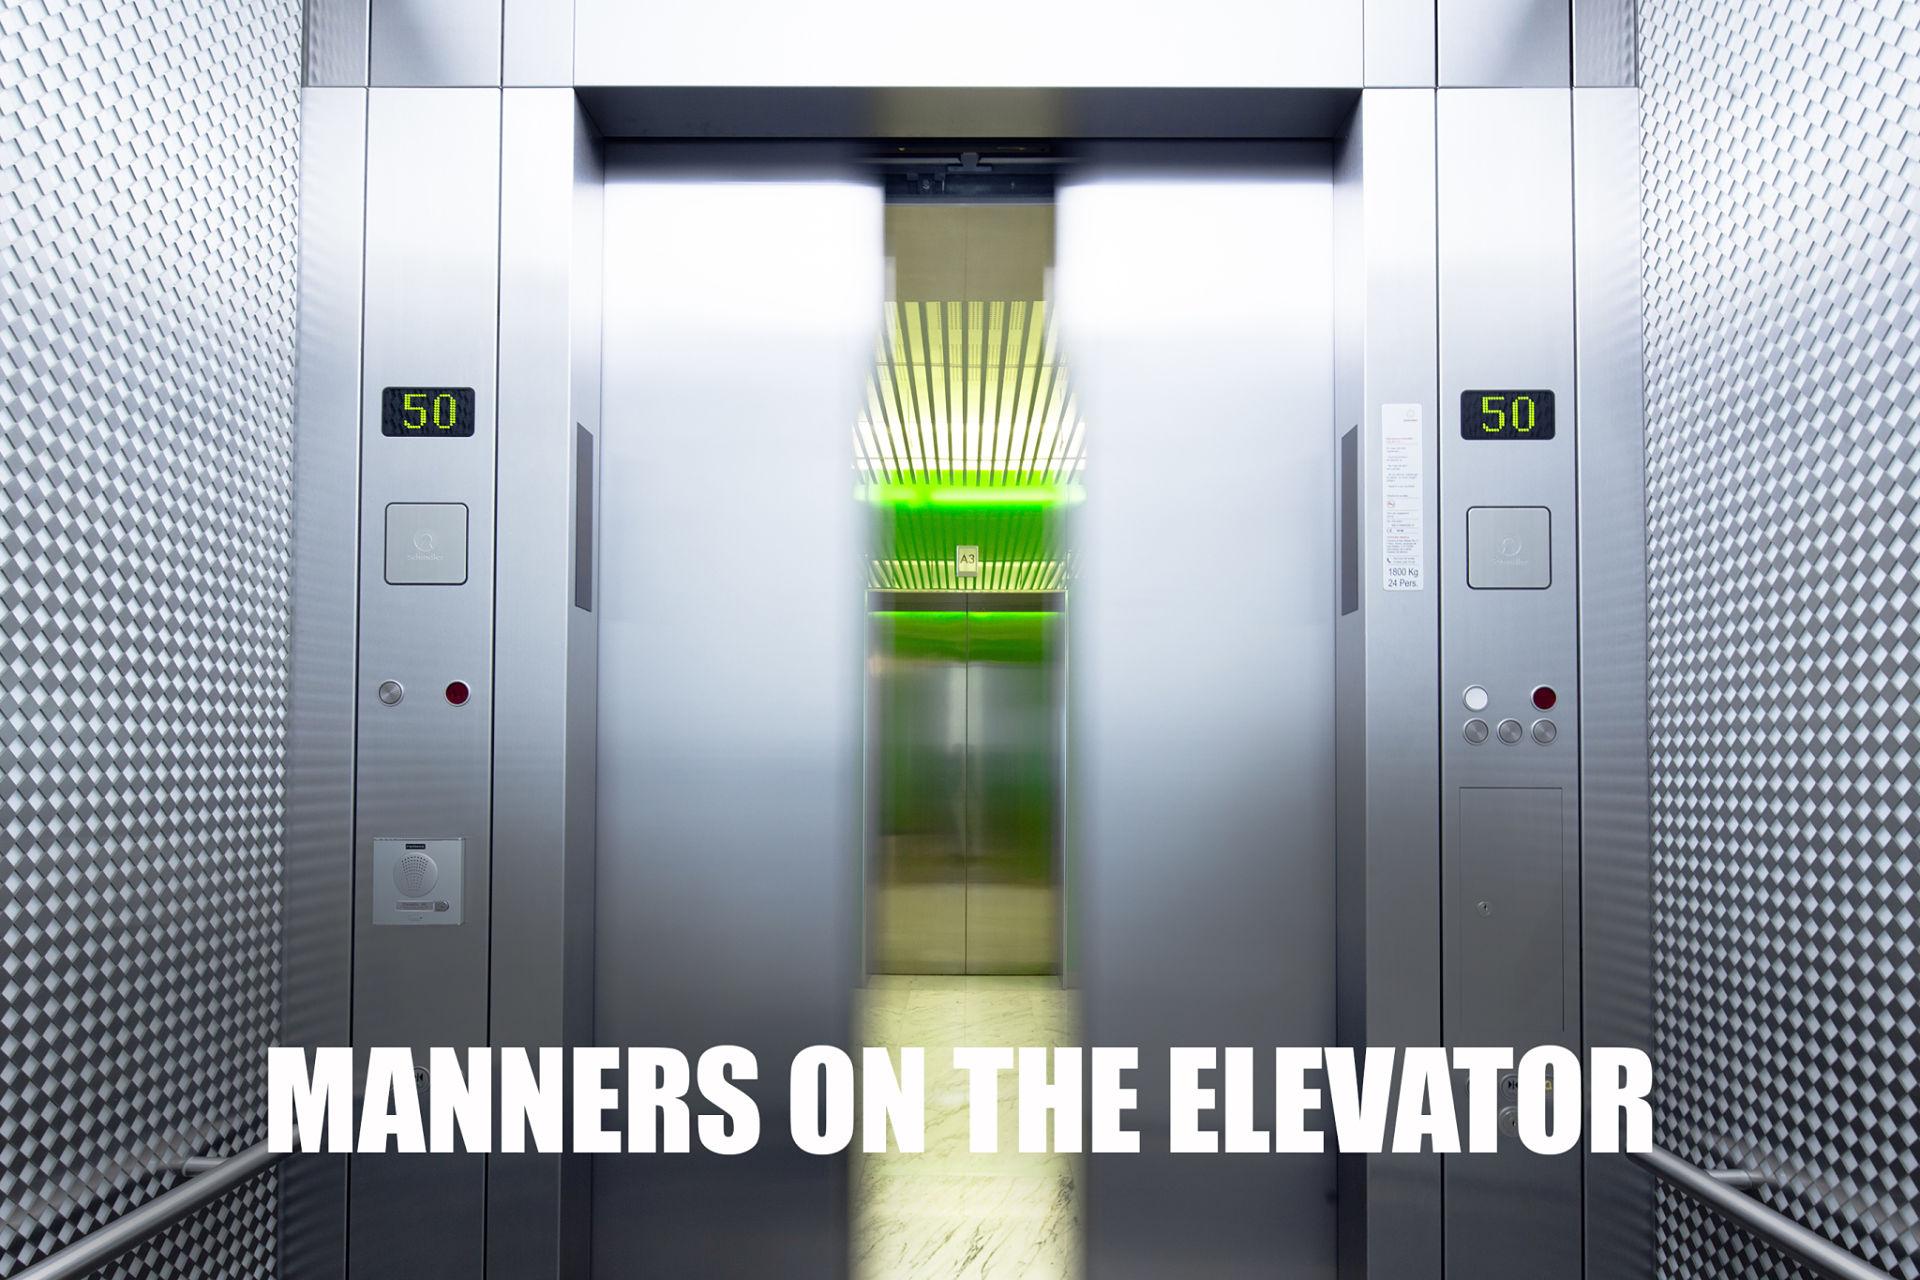 MODALES EN EL ELEVADOR/エレベーターのマナー